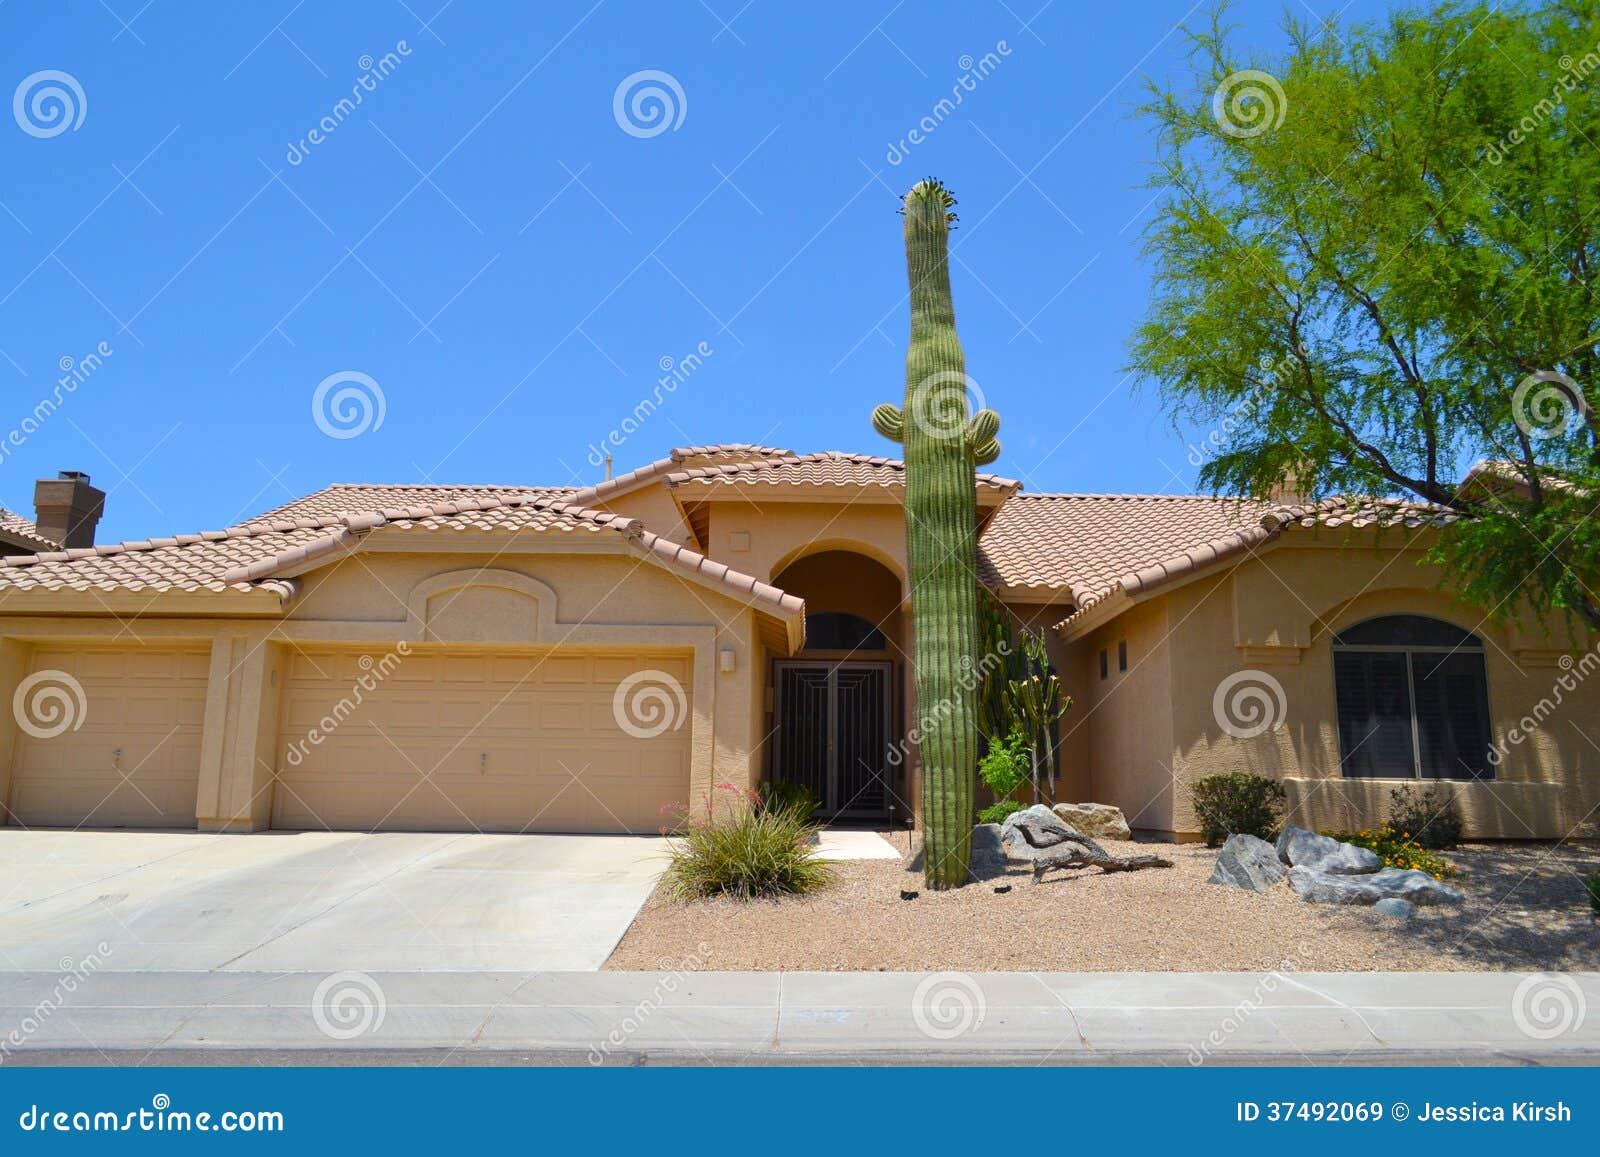 maison espagnole du sud ouest toute neuve de r 234 ve de l arizona de style images libres de droits